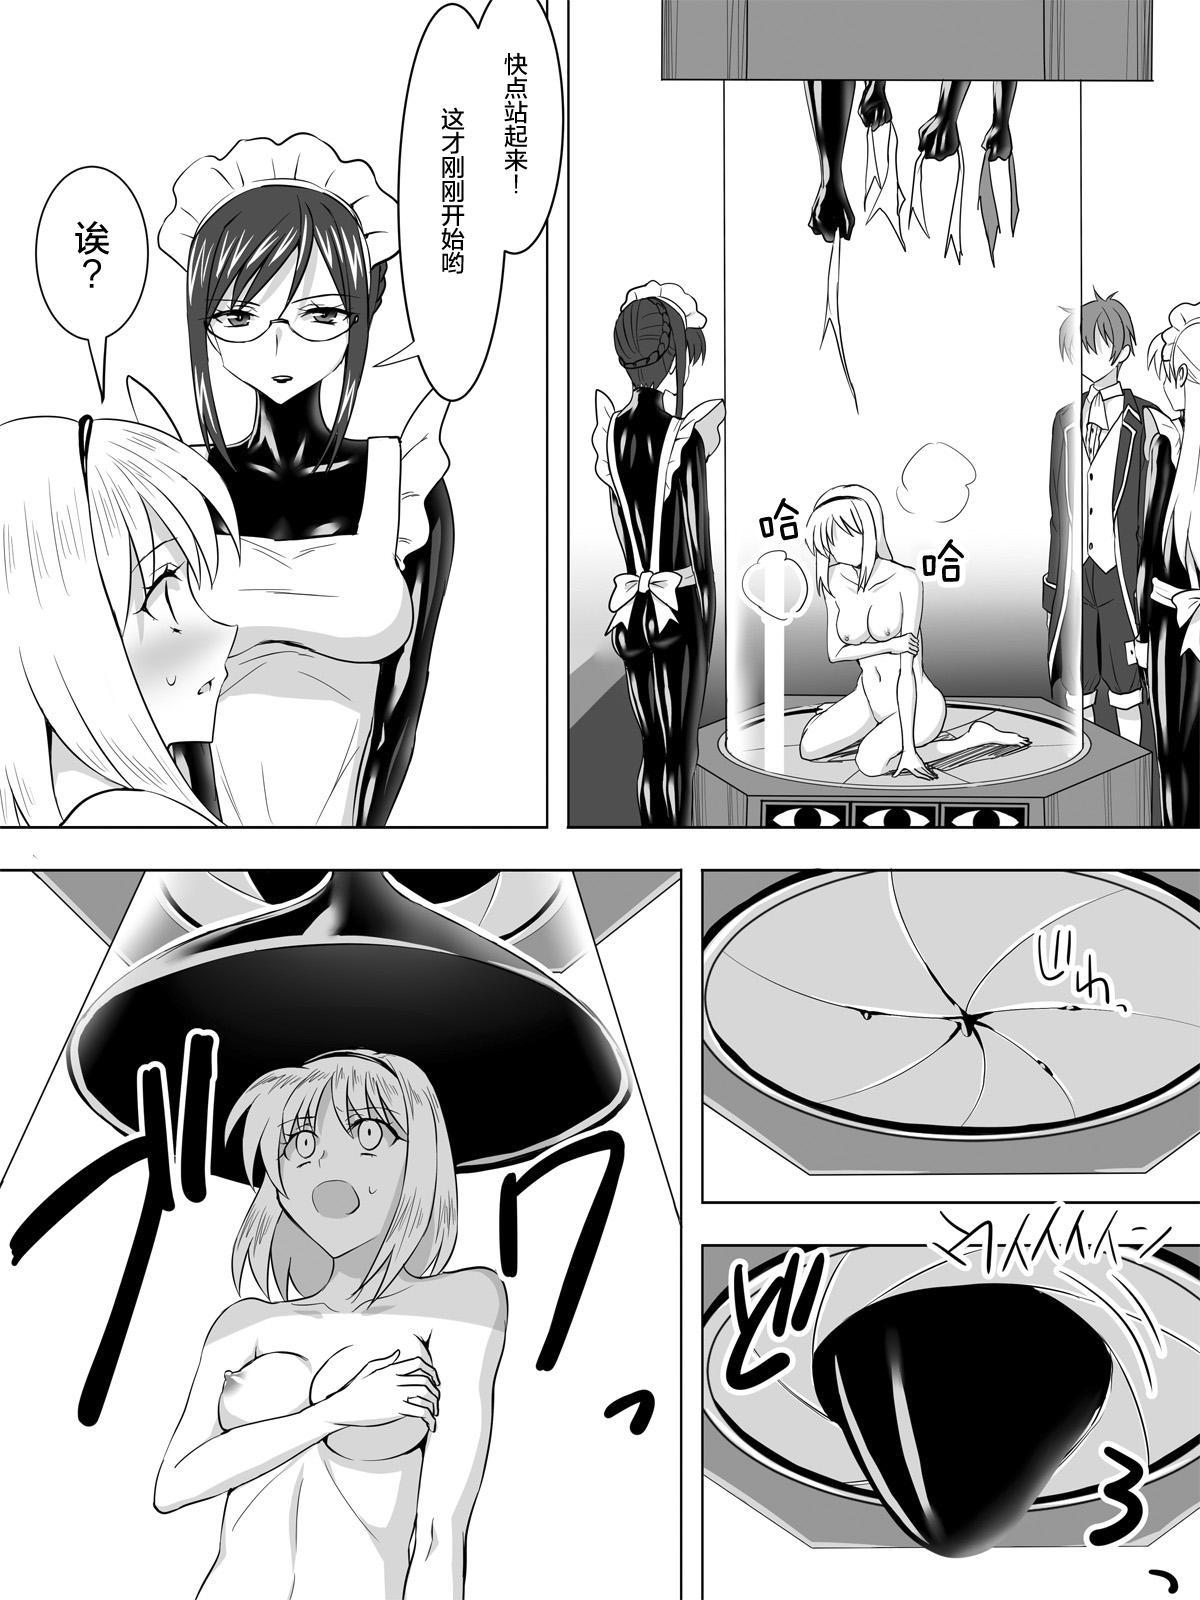 Picchiri Suit Maid to Doutei Kizoku 5